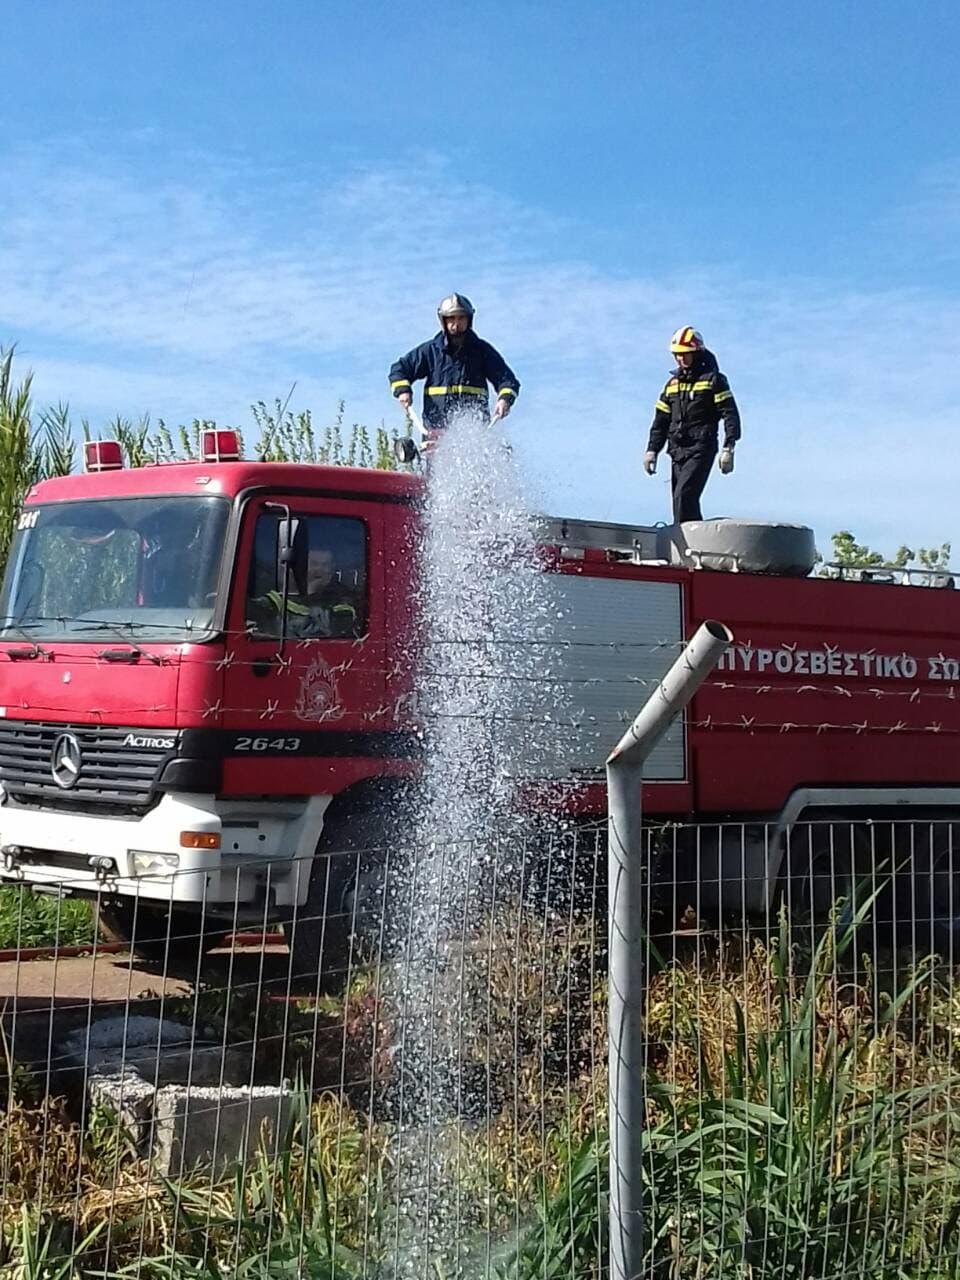 Άσκηση της Πυροσβεστικής στις εγκαταστάσεις της ΑΓΑΝ στη Μεσσήνη